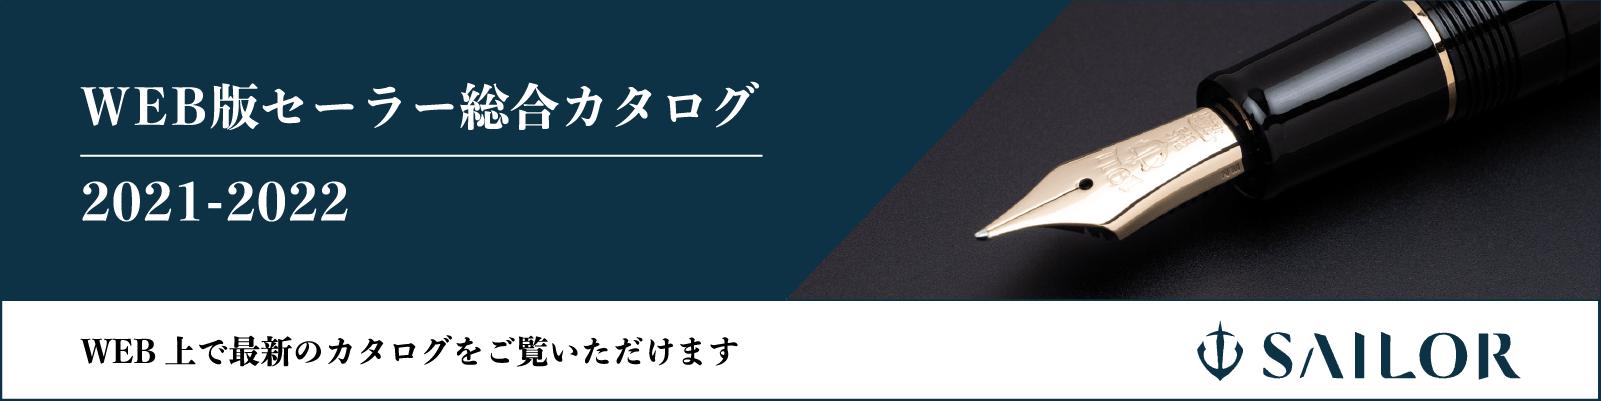 WEB版セーラー総合カタログ